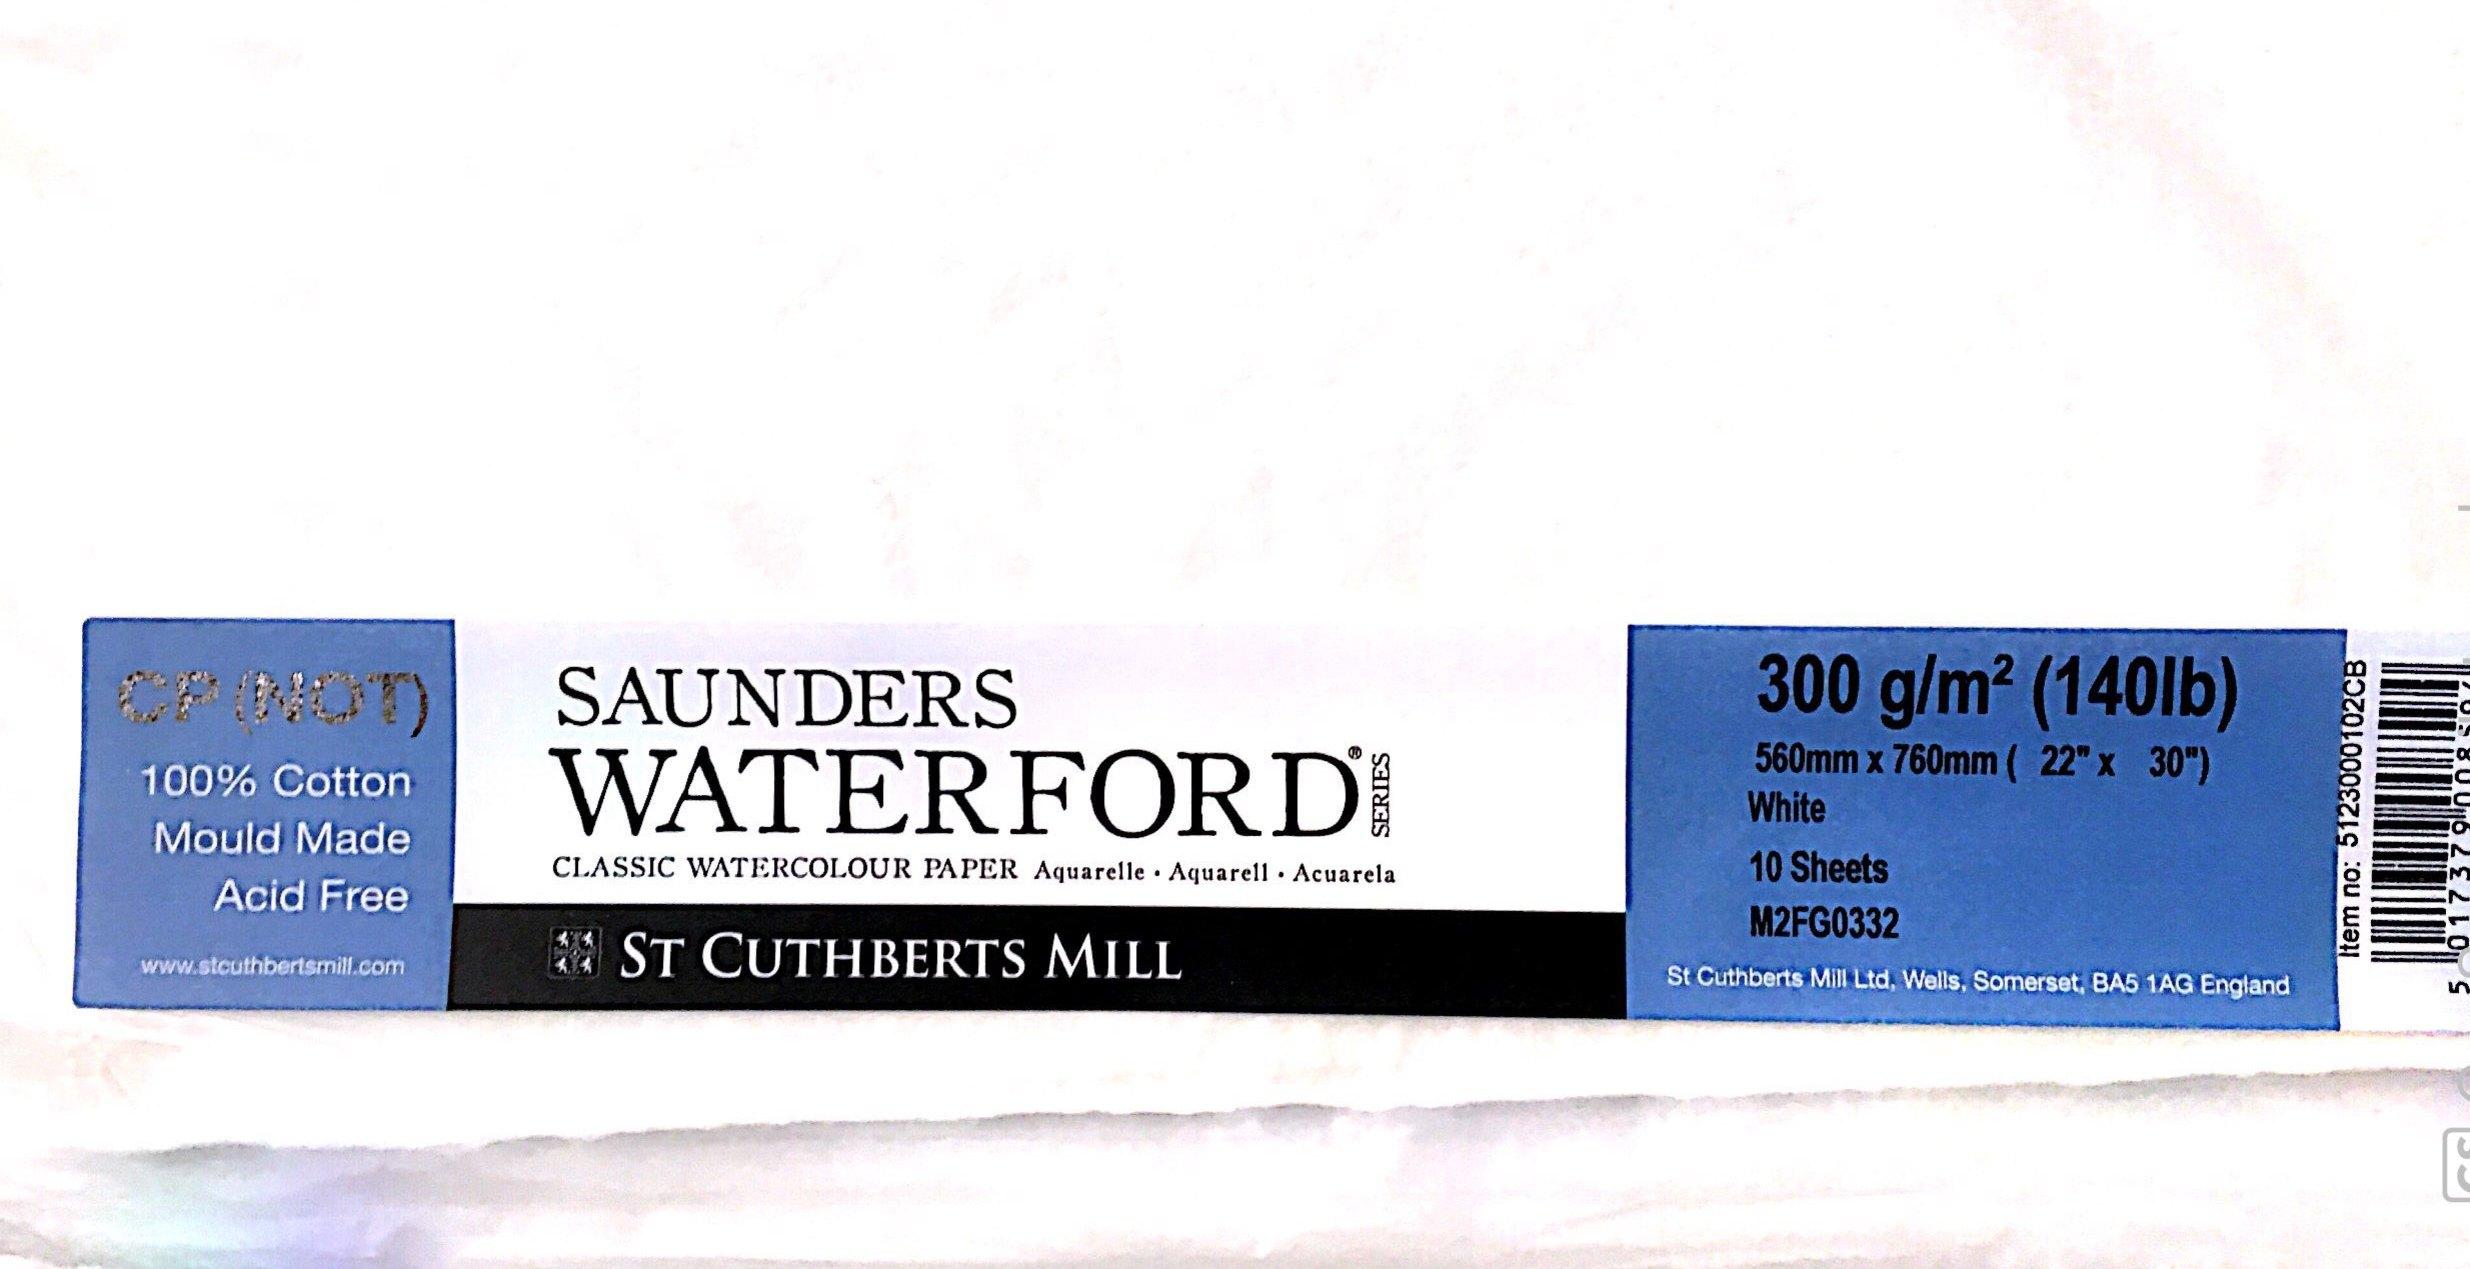 SAUNDERS WATERWORD COLD PRES 300G 56*76 10 LU